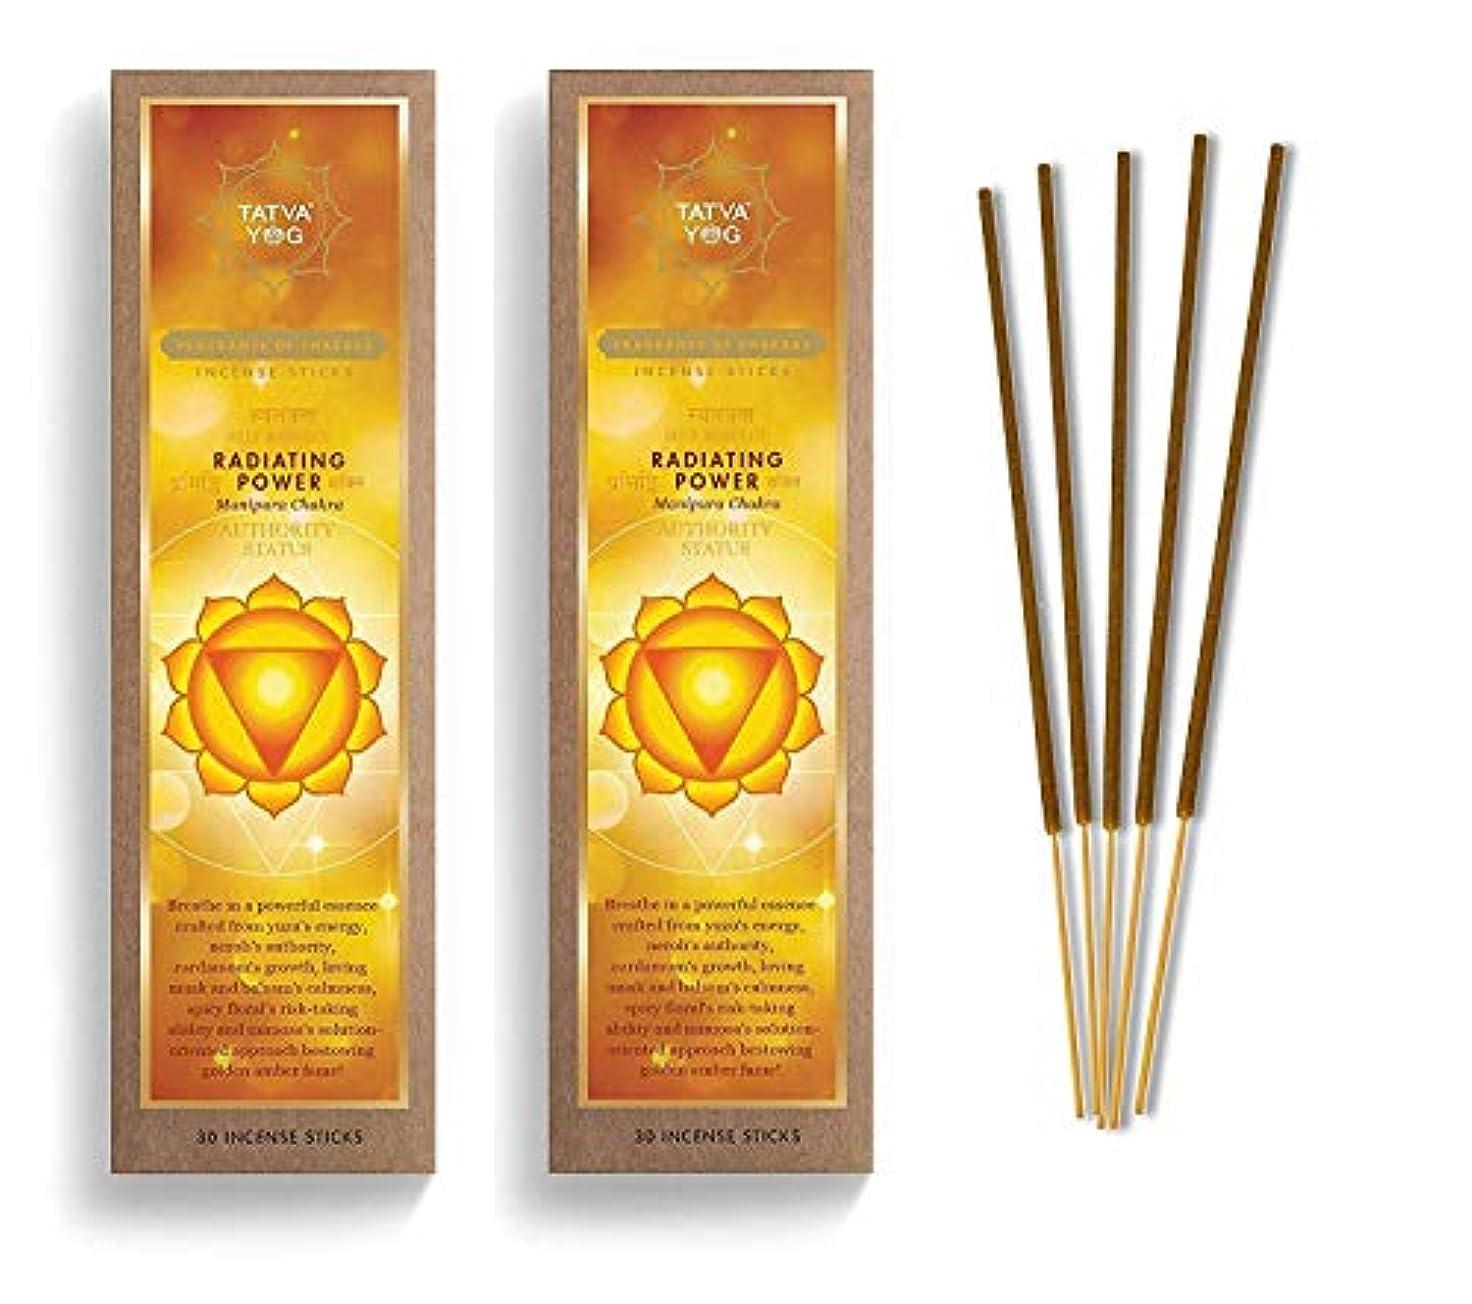 ヘビーファセットオールNatural Success Long Lasting Incense Sticks for Daily Pooja|Festive|Home|Scented Natural Agarbatti for Positive...